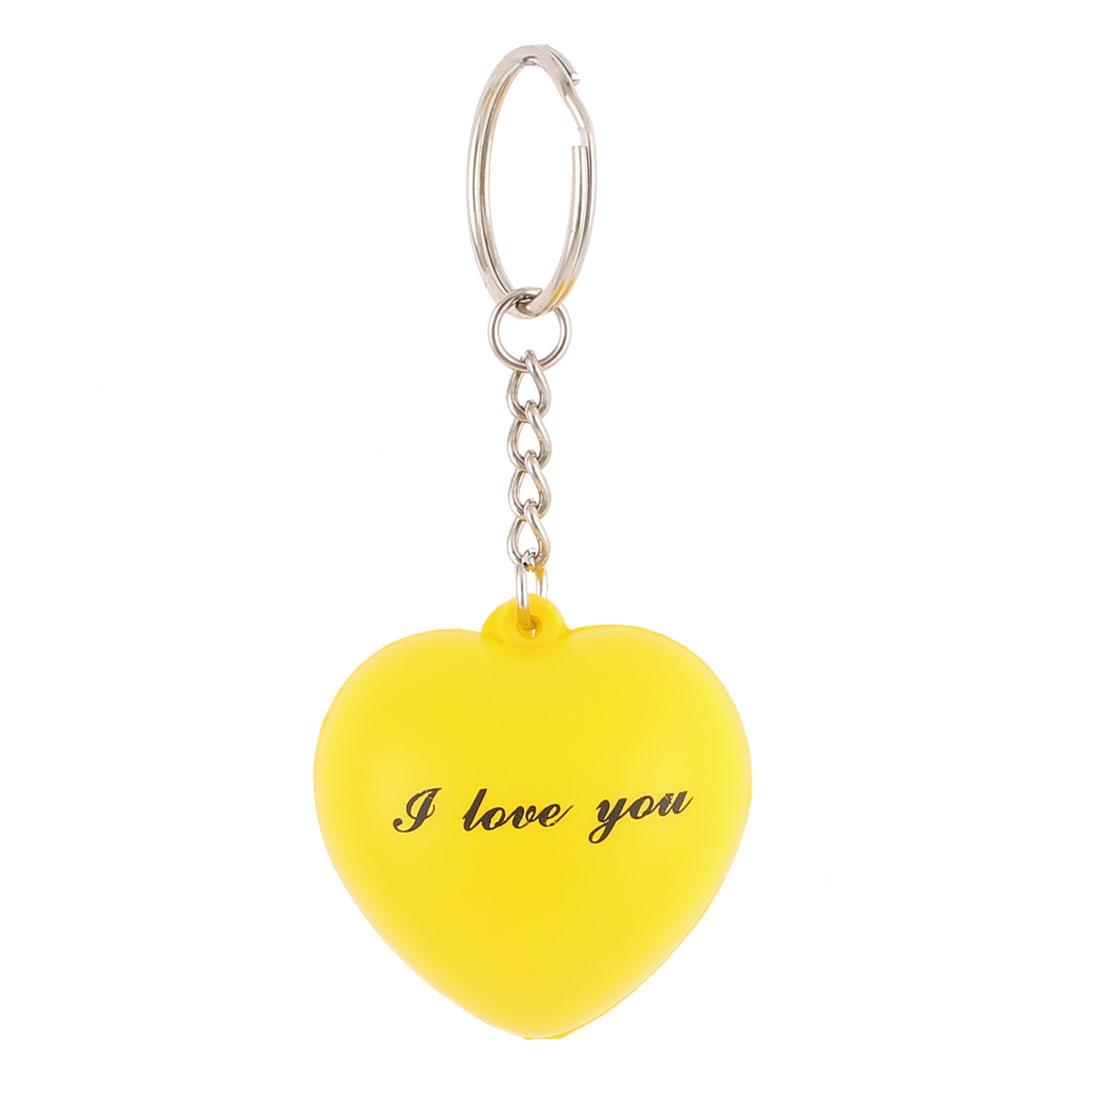 Rubber Heart Shaped Pendant Split Ring Keychain Keyring Key Holder Yellow Green